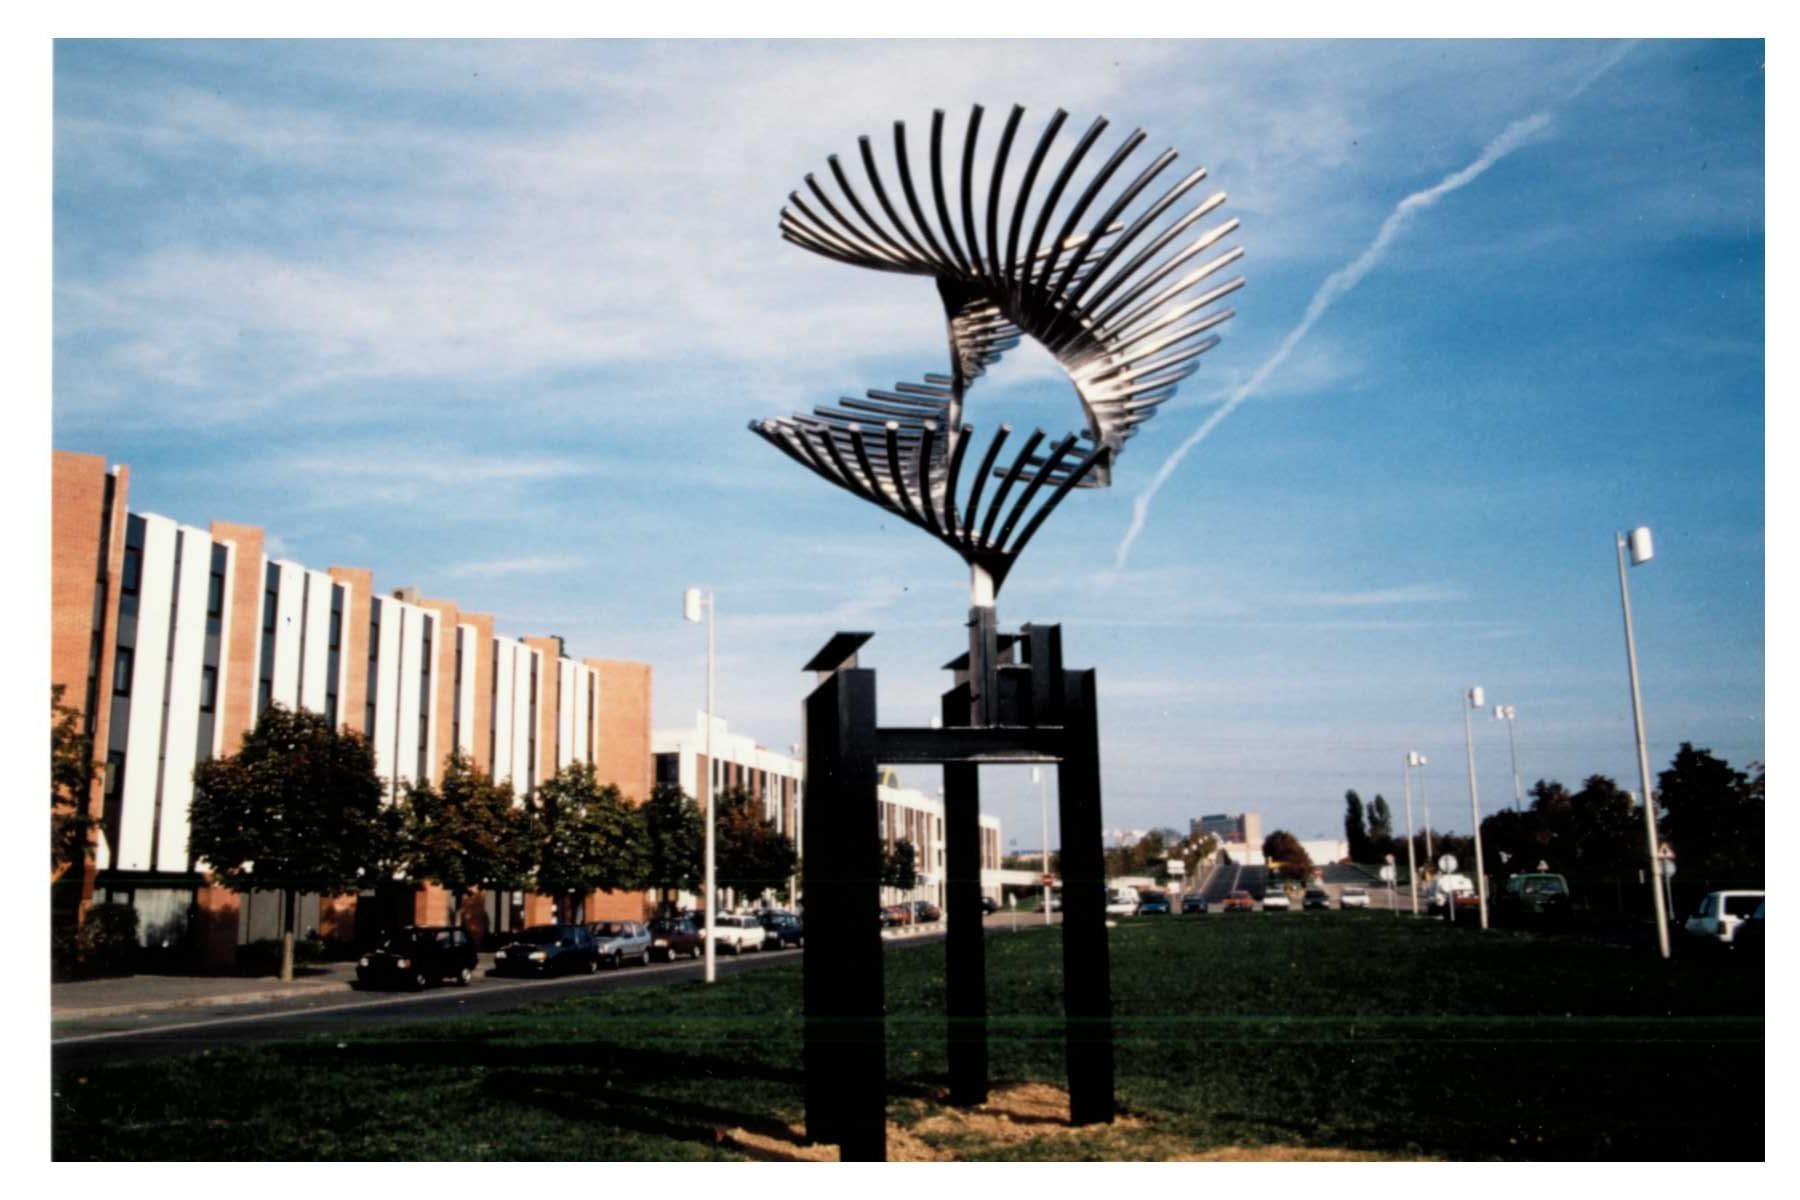 L'Oiseau Briard - 1990